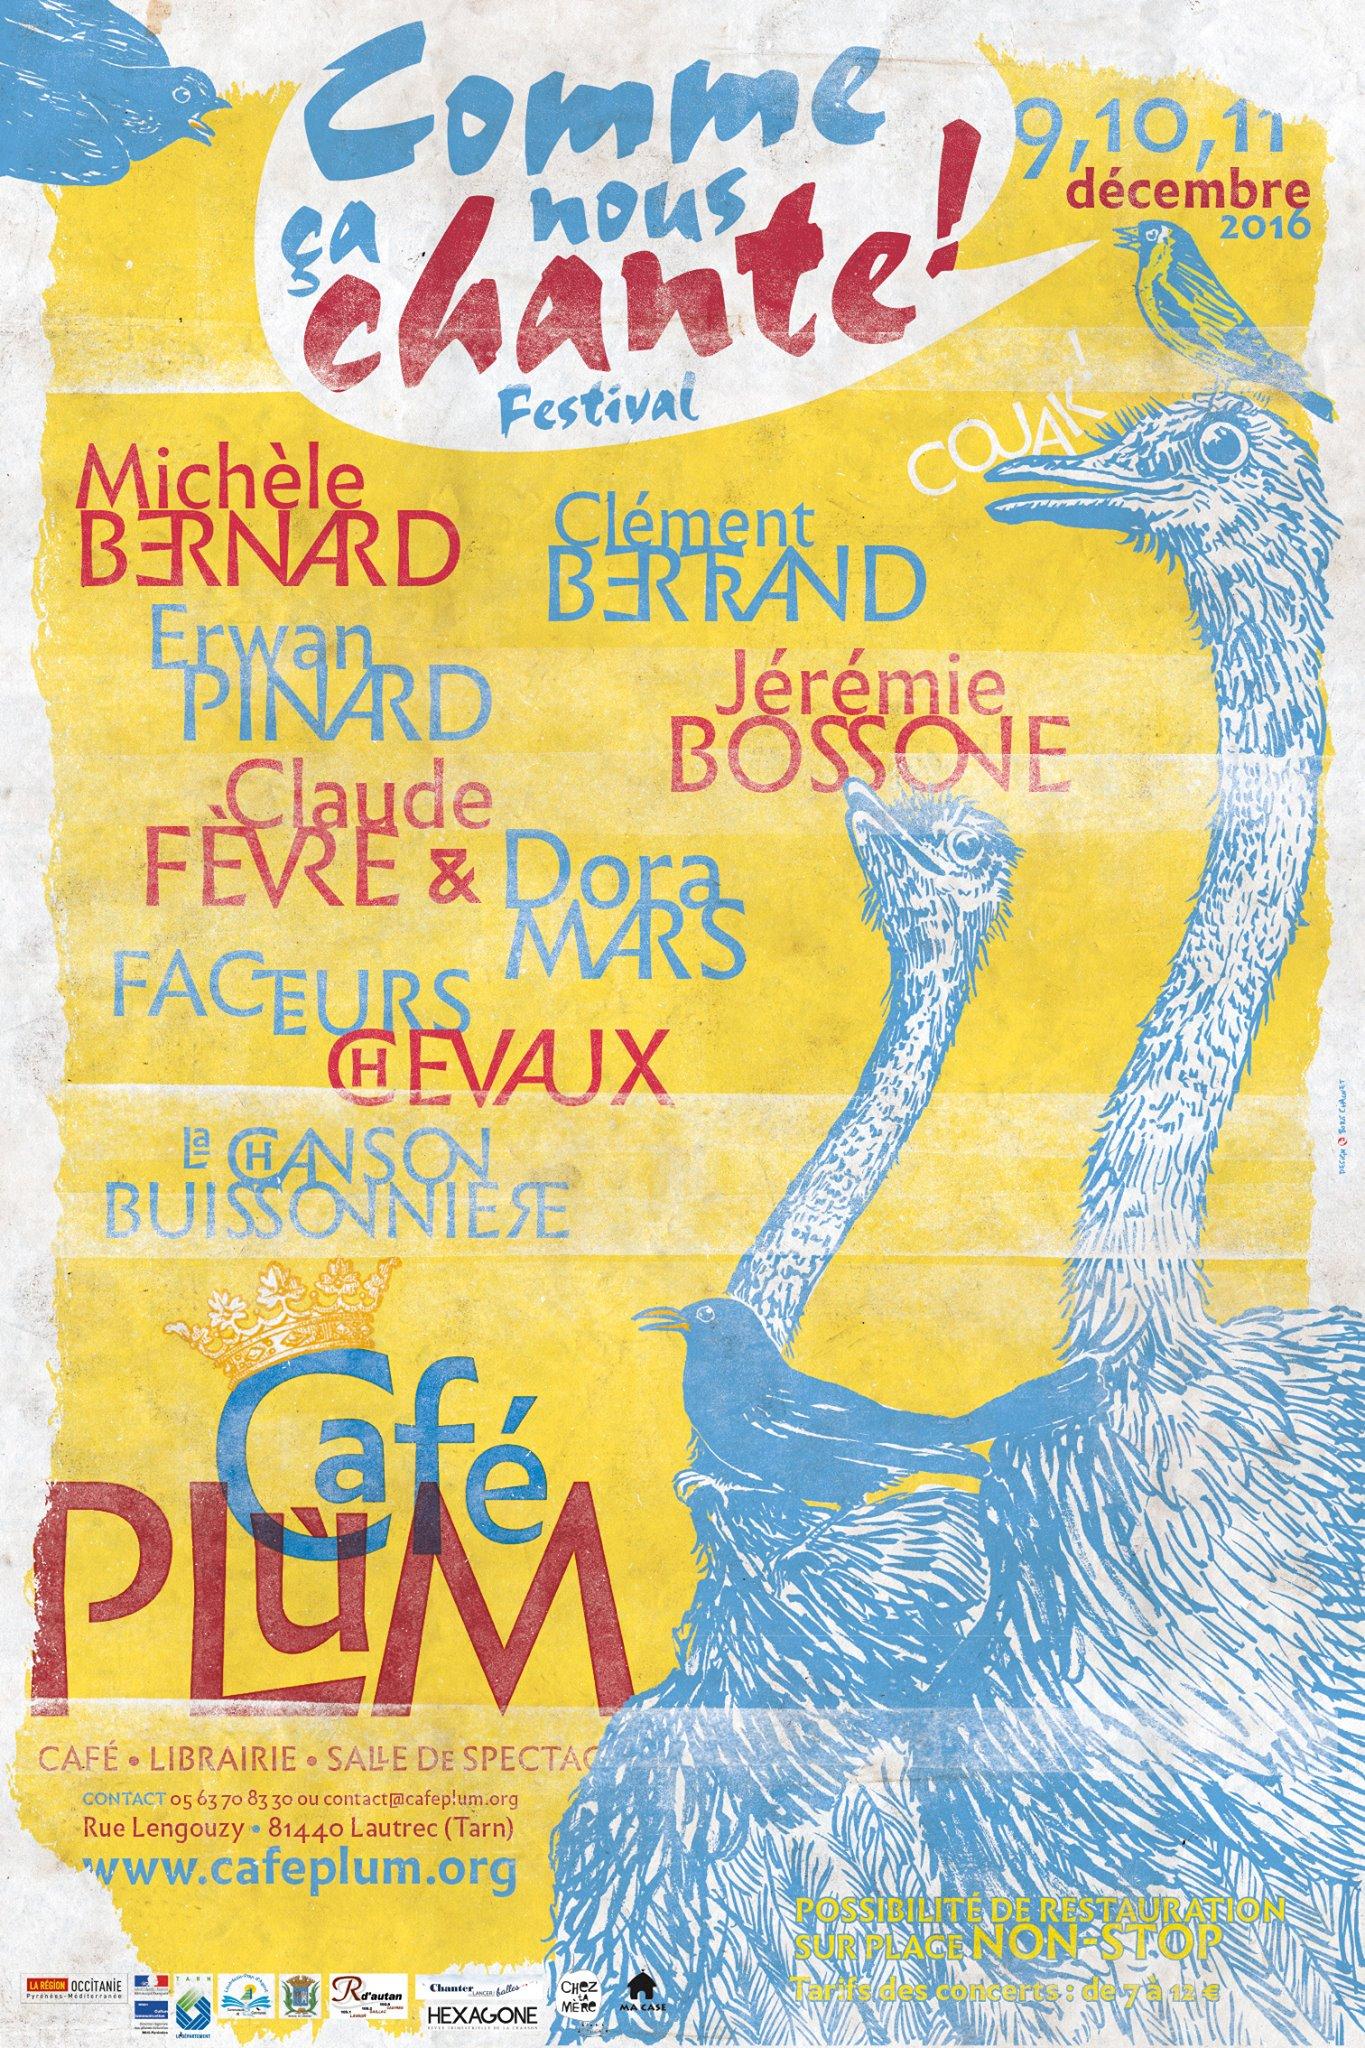 Festival Comme ça nous chante ! au Café Plum (du 9 au 11 décembre 2016)